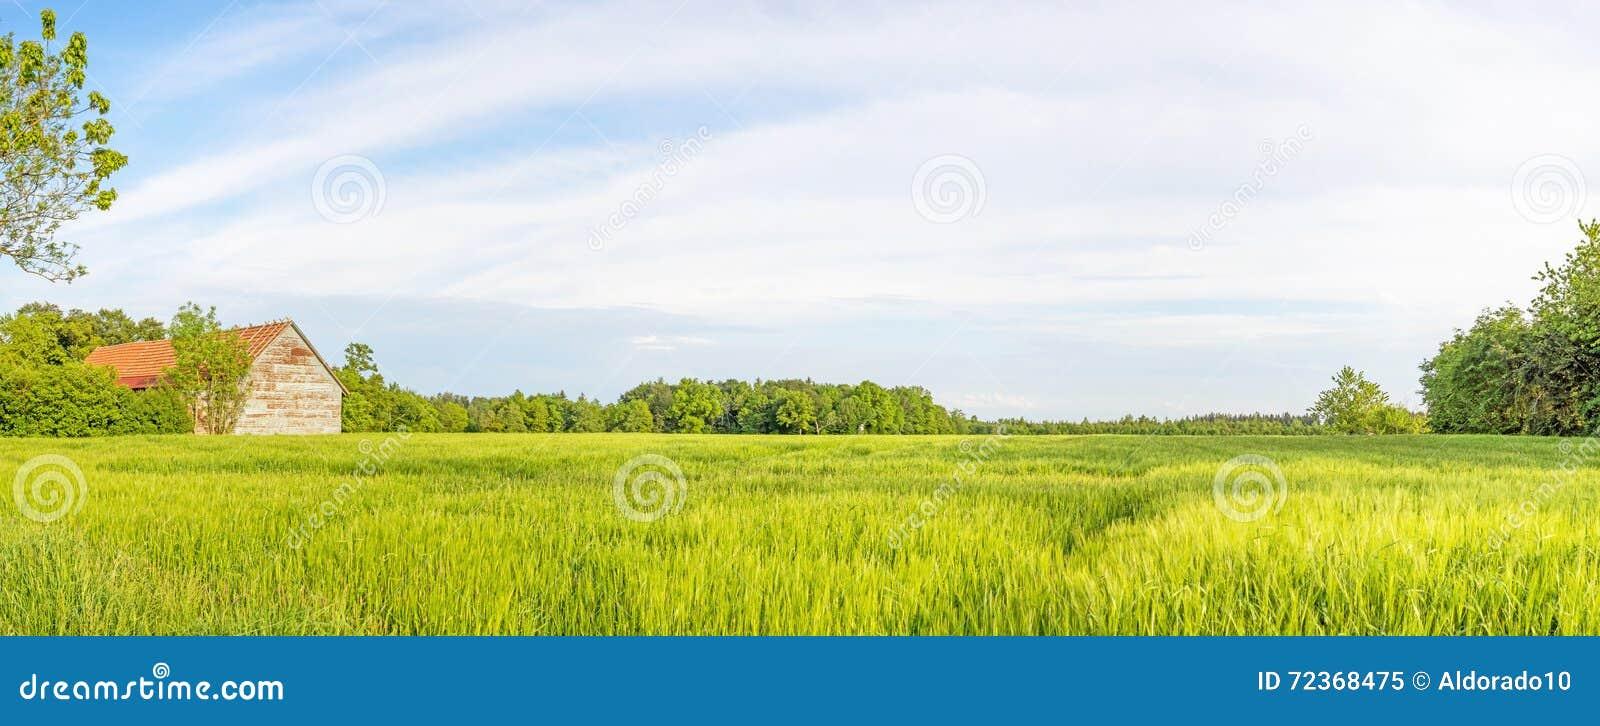 有麦田和谷仓的农村风景全景